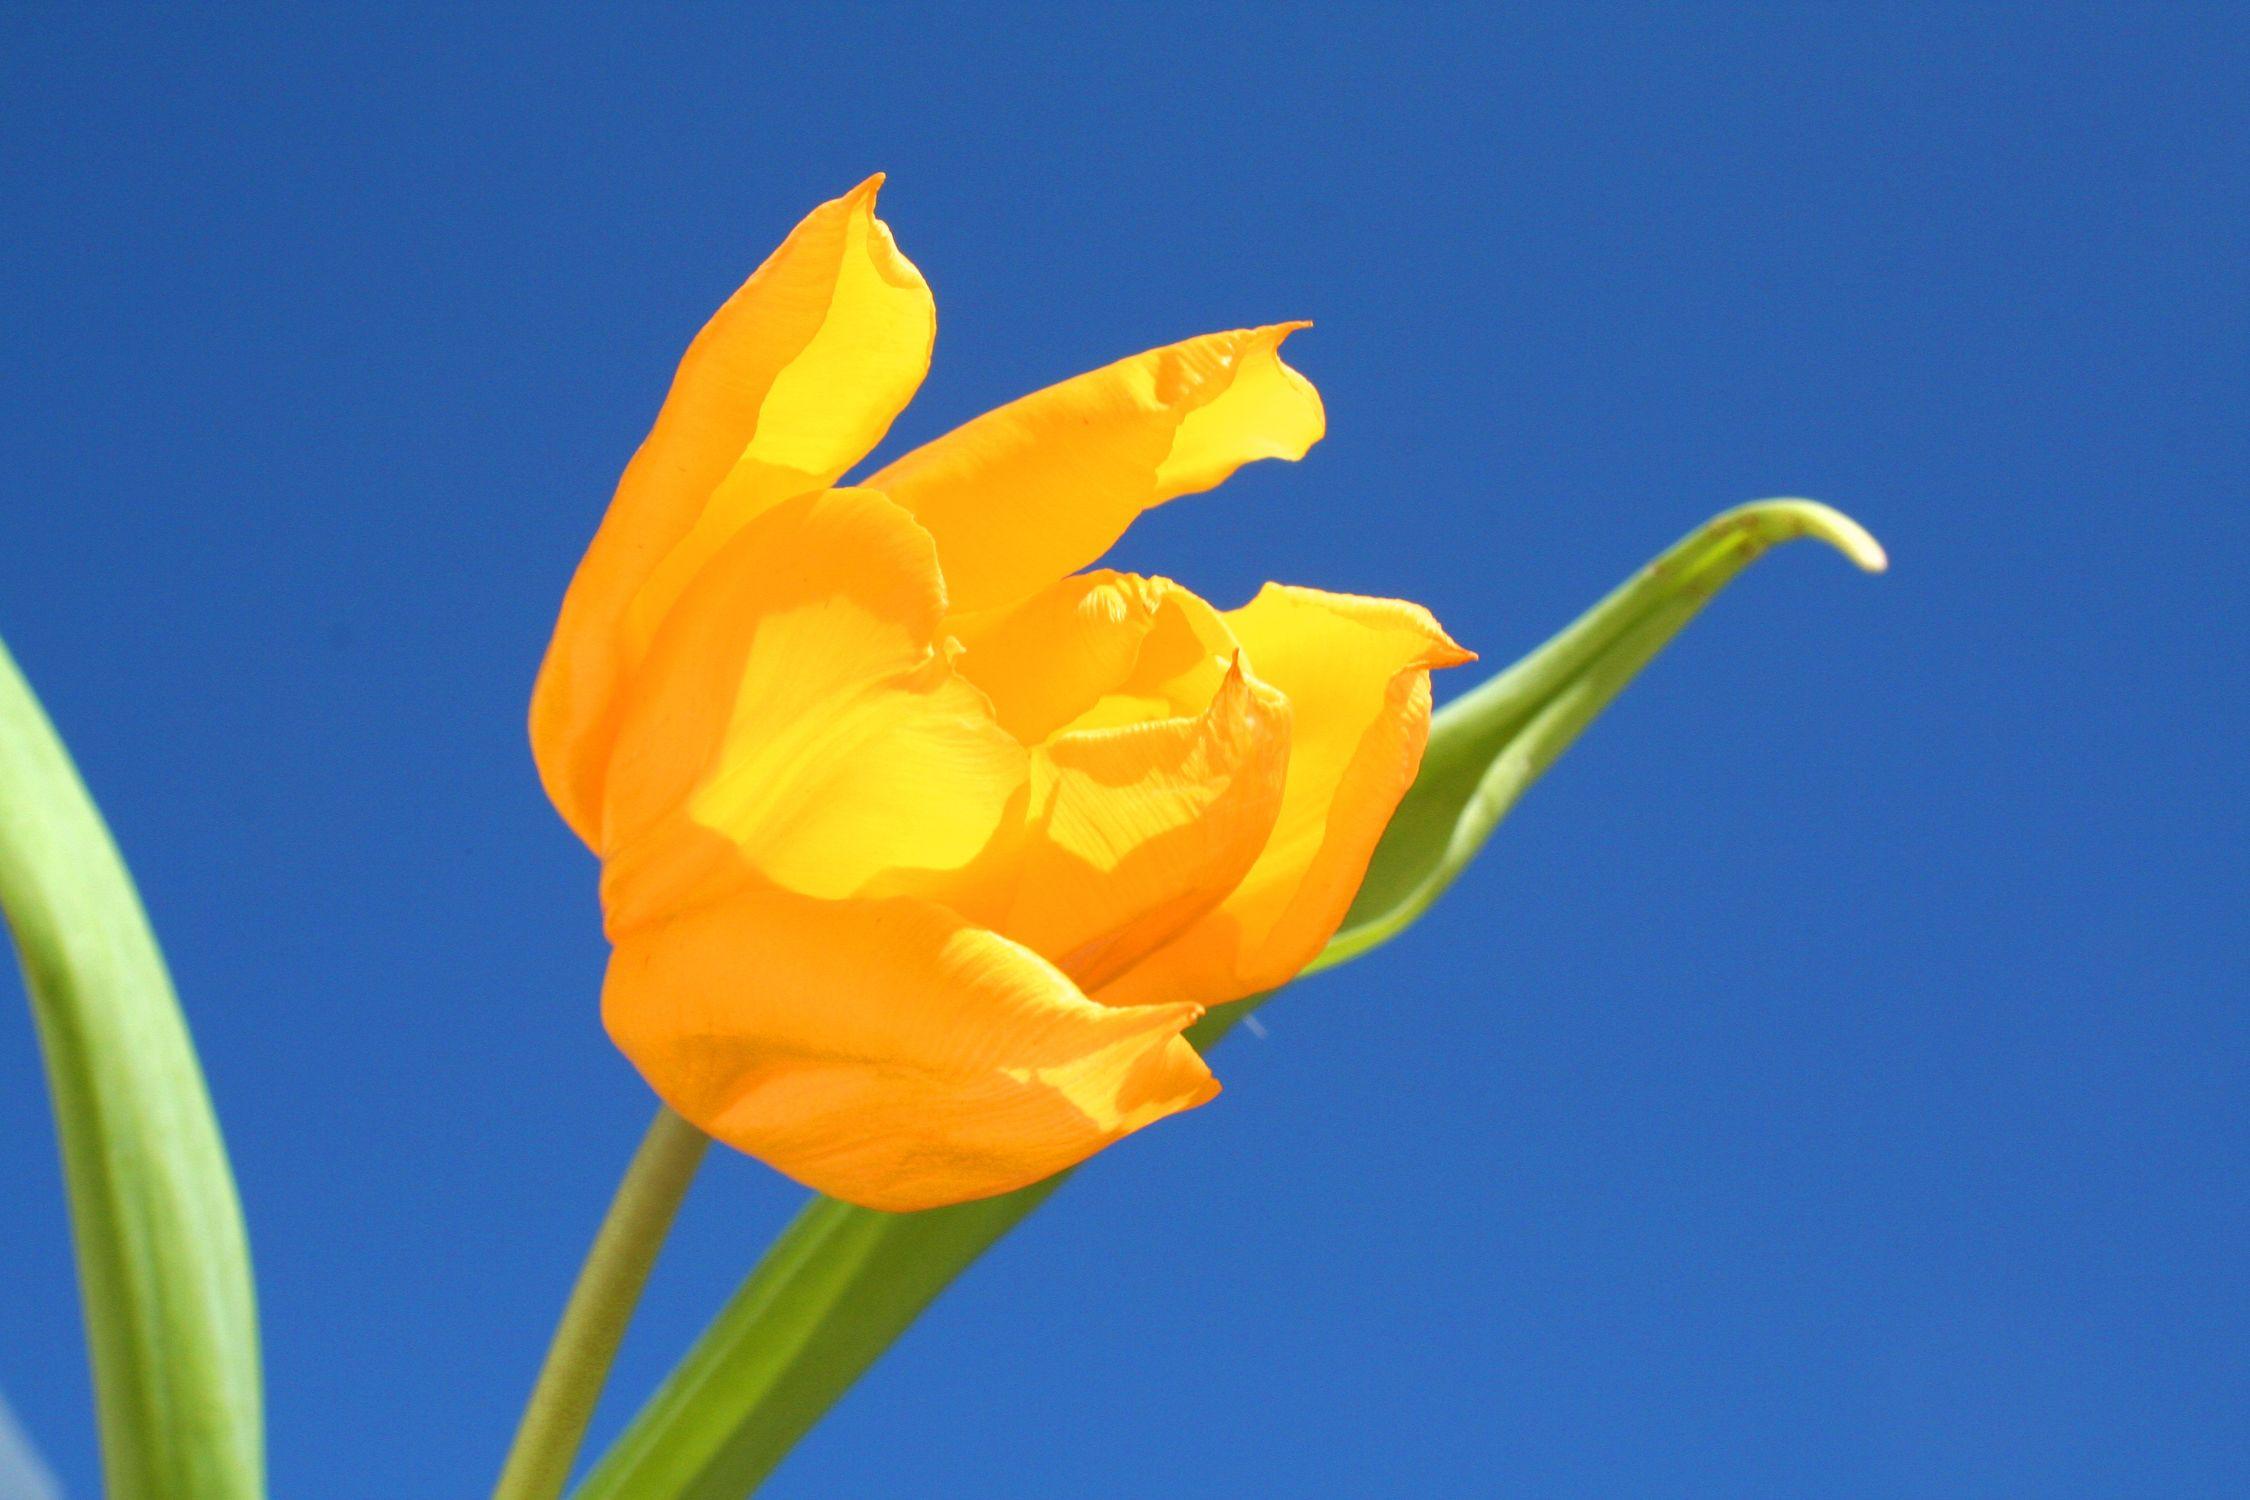 Bild mit Farben, Gelb, Gelb, Natur, Pflanzen, Blumen, Blumen, Blume, Pflanze, Tulpe, Tulips, Tulpen, gelbe Tulpe, Tulipa, Flower, Flowers, Tulip, gelbe Tulpen, yellow tulip, yellow tulips, yellow